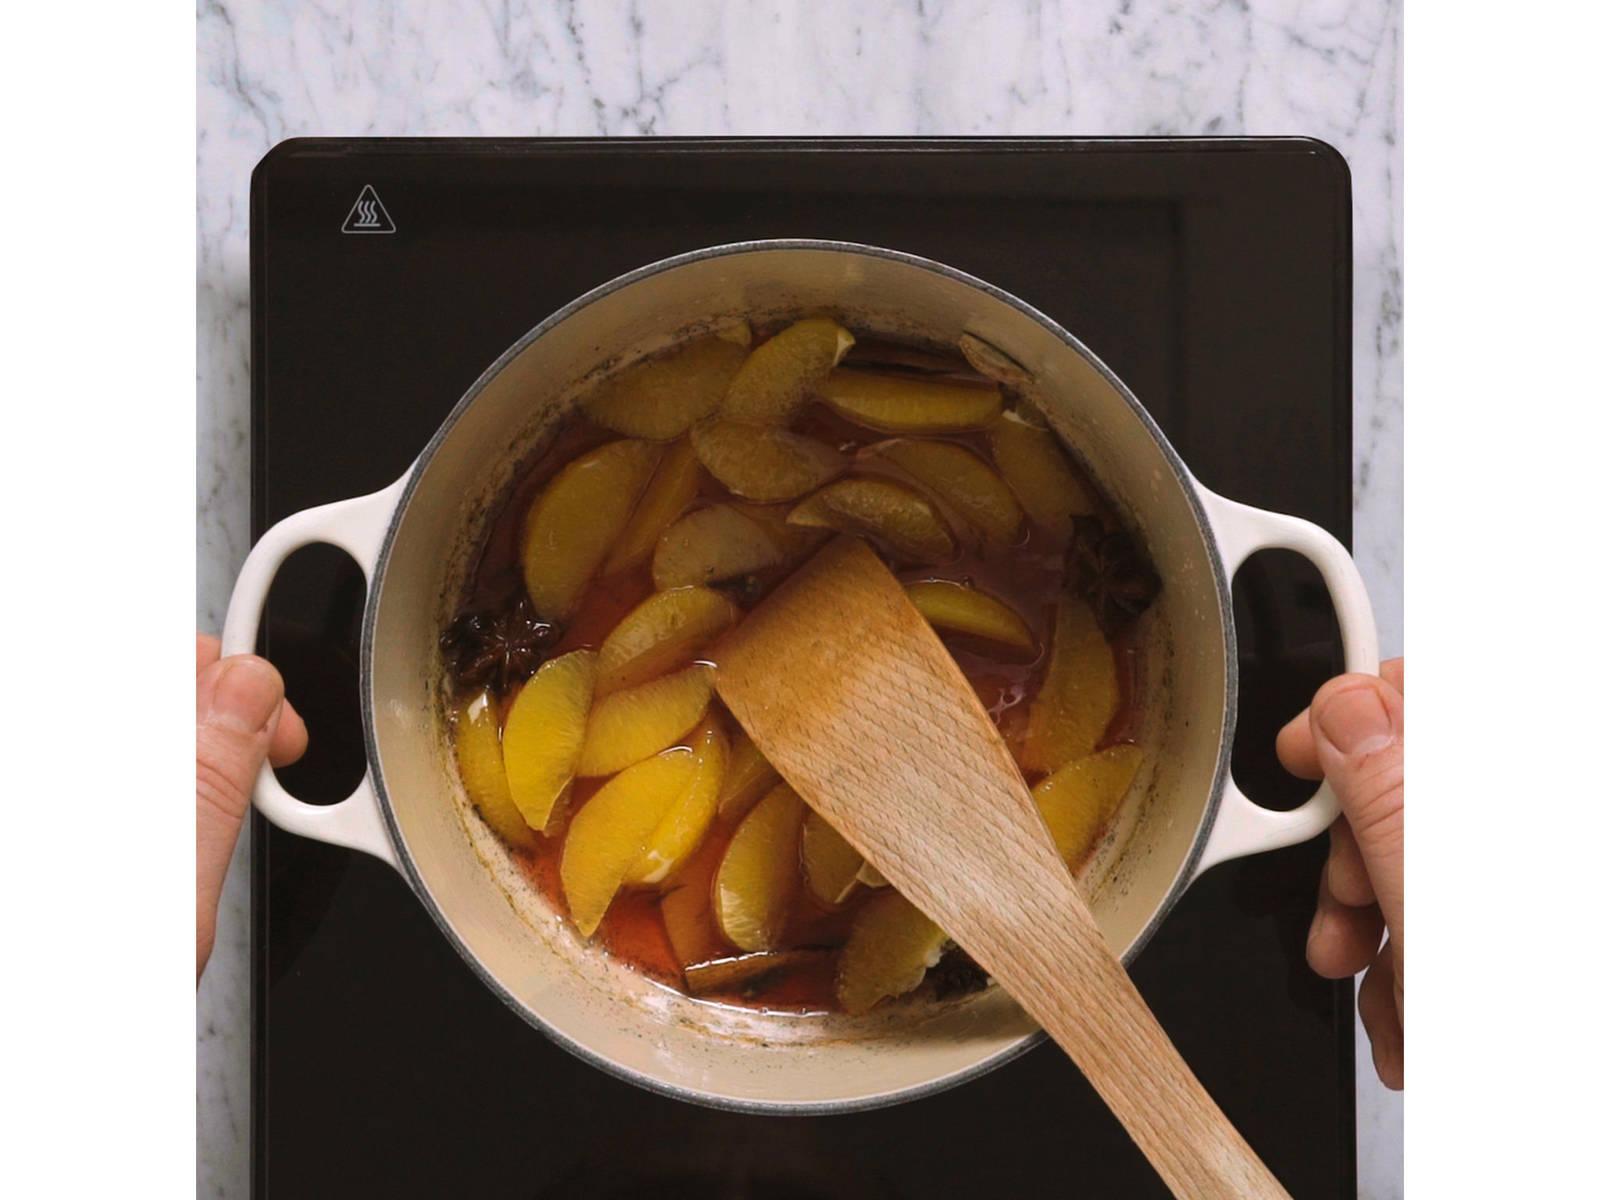 Für die Gewürzorangen, Orangen filetieren und beiseitestellen. Prosecco aufkochen, dann Gelierzucker, Zitronensaft, Gewürze und Honig hinzufügen. Bei mittlerer Hitze ca. 10 Min. zu einem dicken Sud einkochen. Abkühlen lassen, Grenadine-Sirup sowie Orangenfilets hinzugeben. Bis zum Anrichten ca. 15 Min. im Kühlschrank kalt stellen.